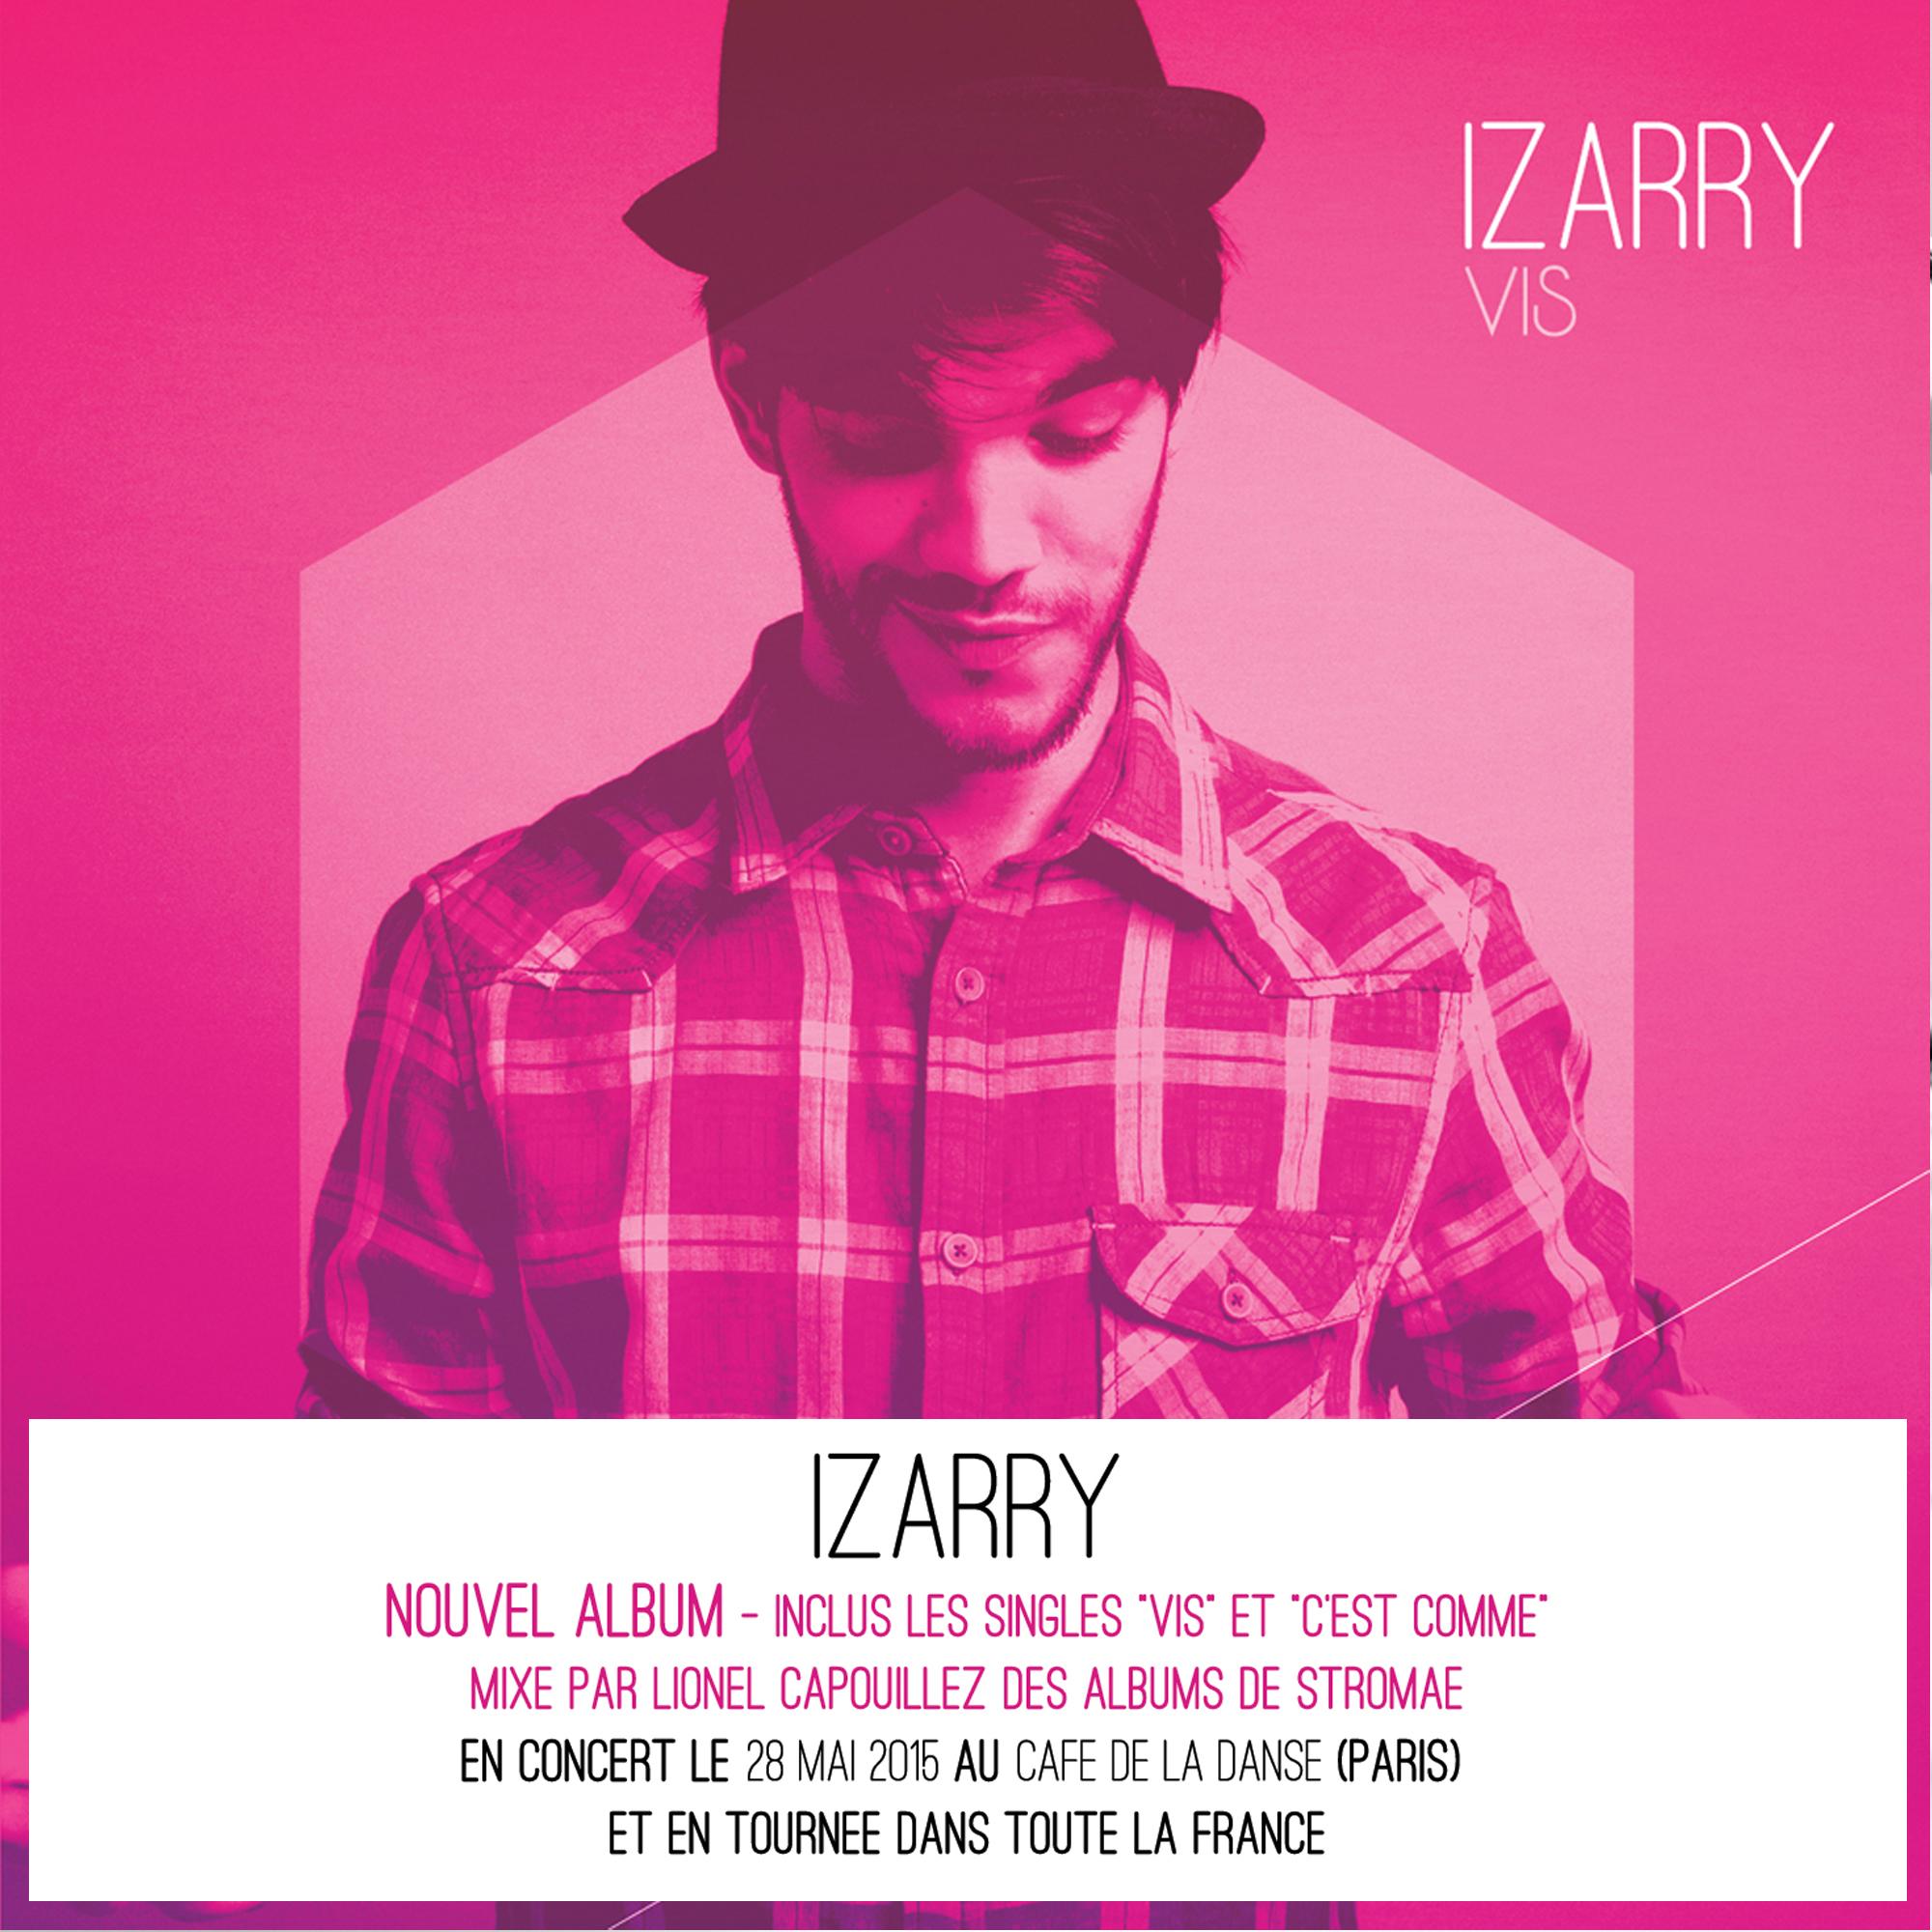 vis1 album